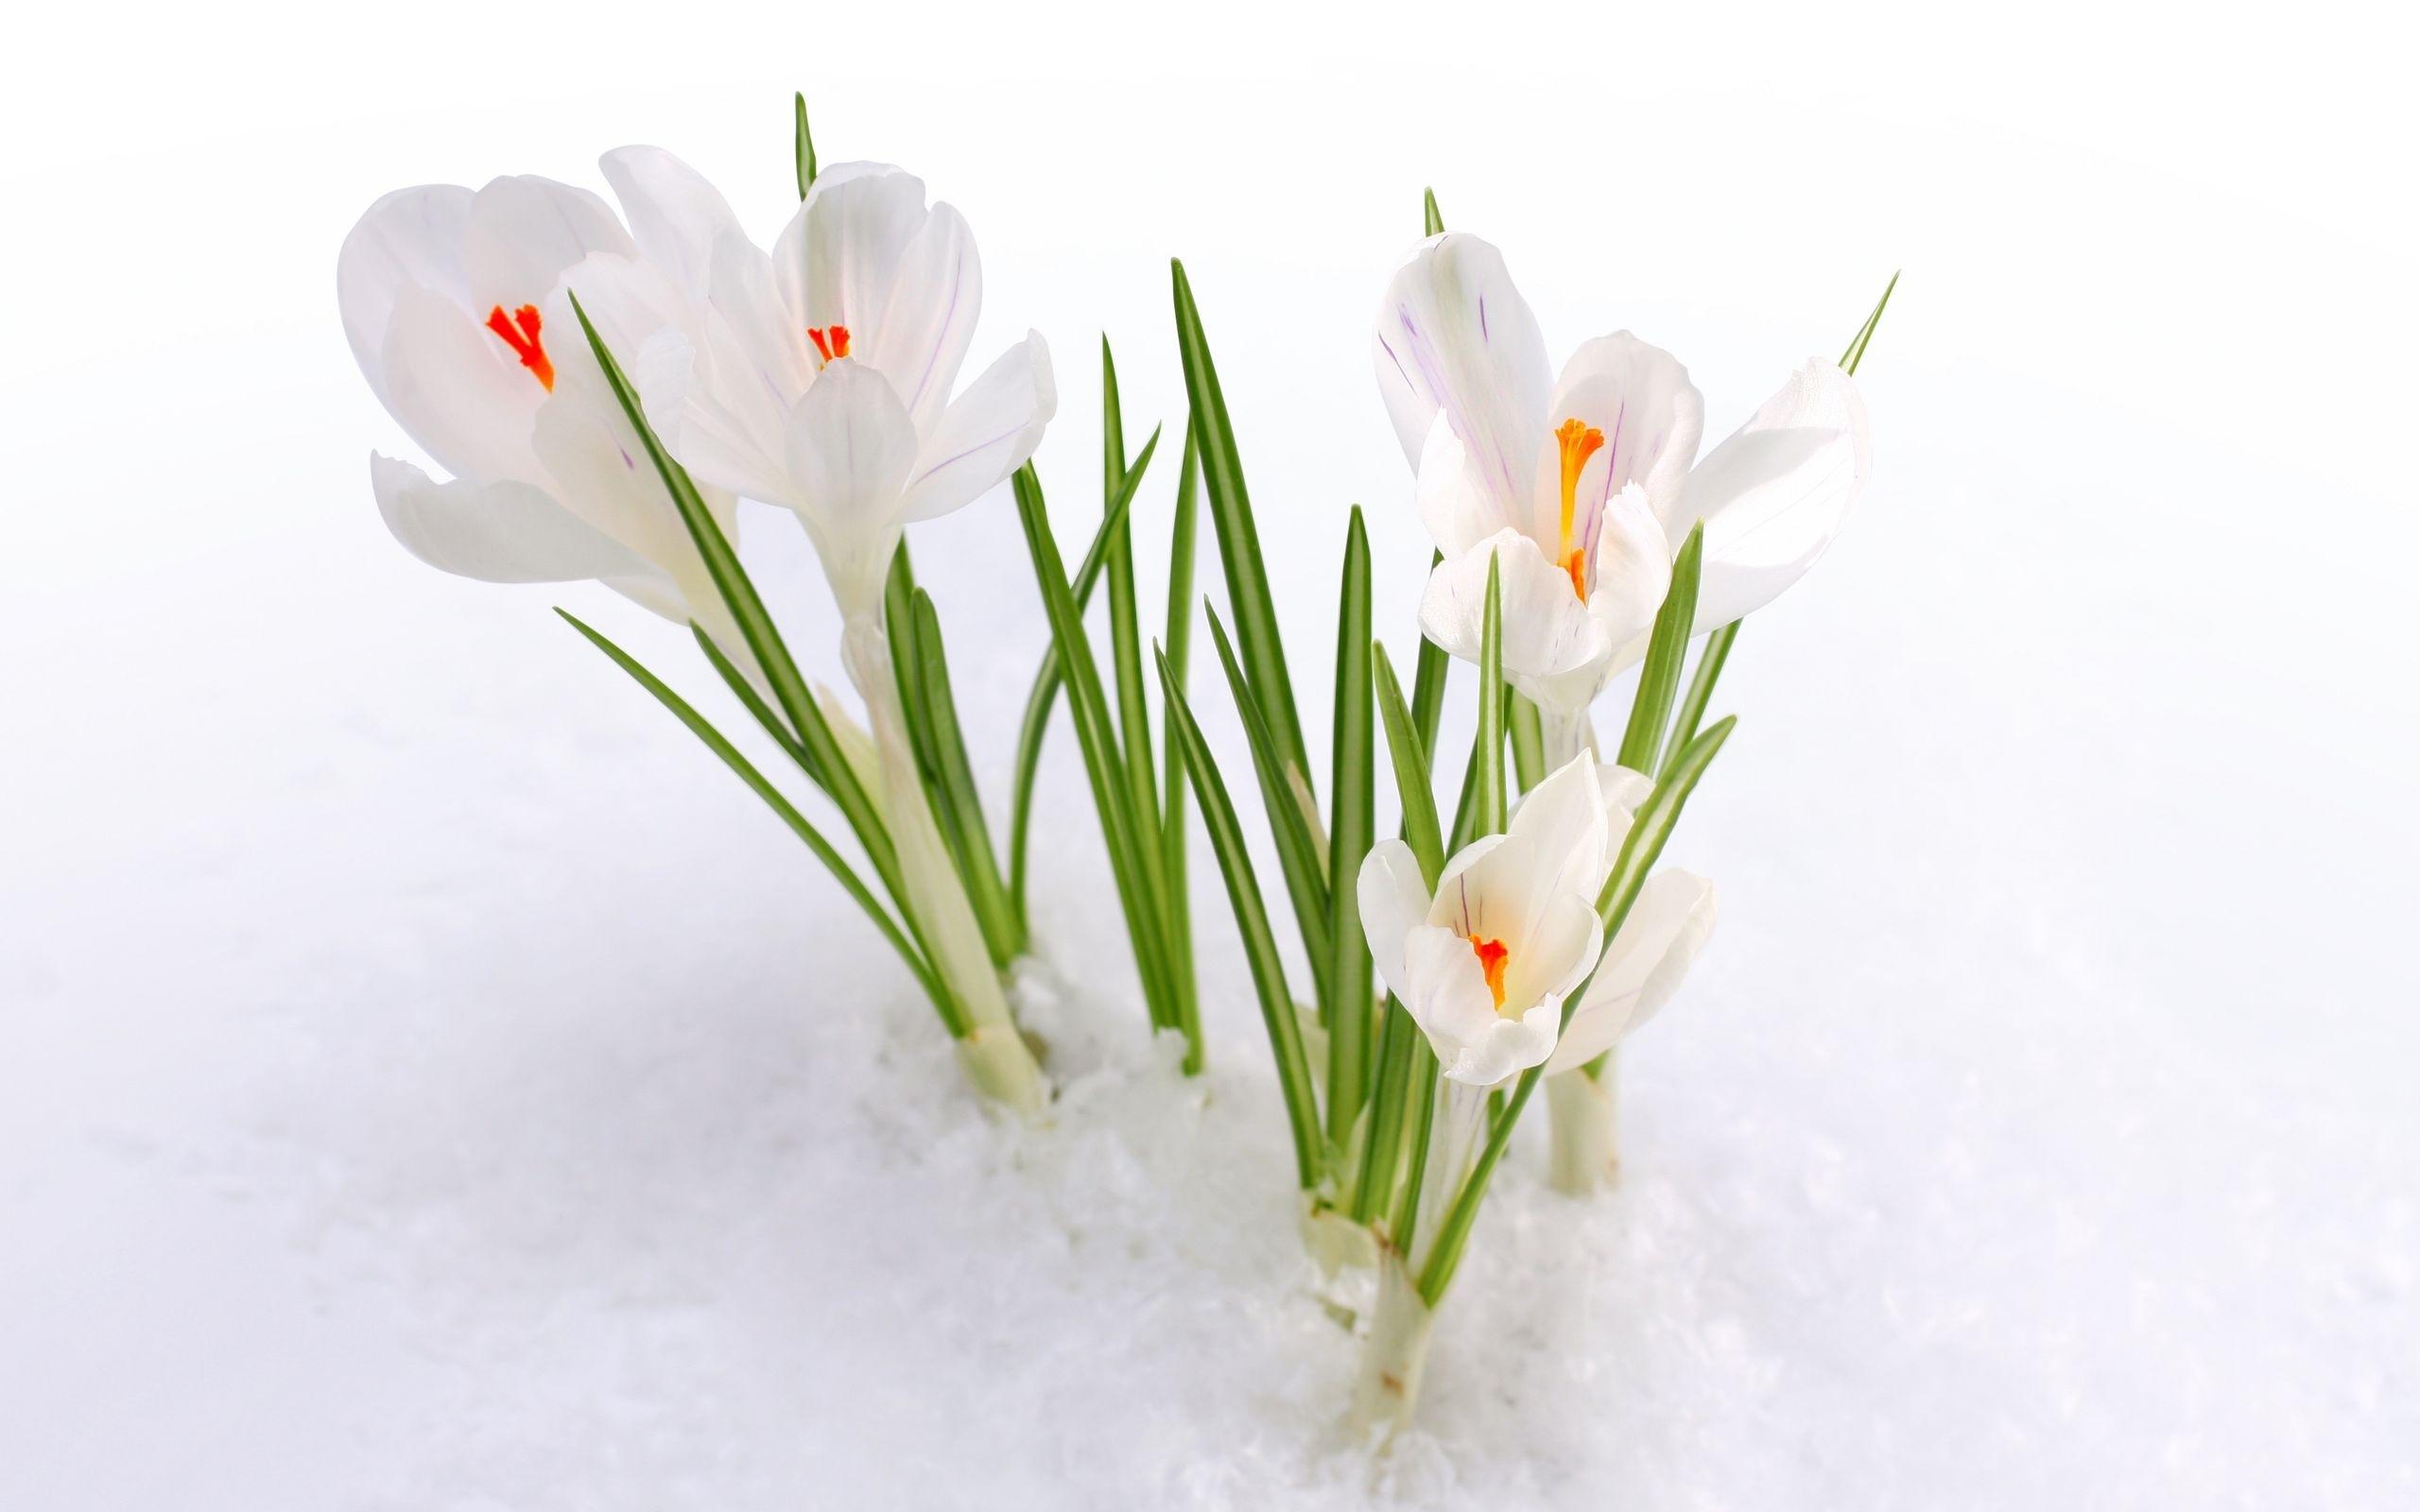 46568 Заставки и Обои Подснежники на телефон. Скачать Растения, Цветы, Подснежники картинки бесплатно